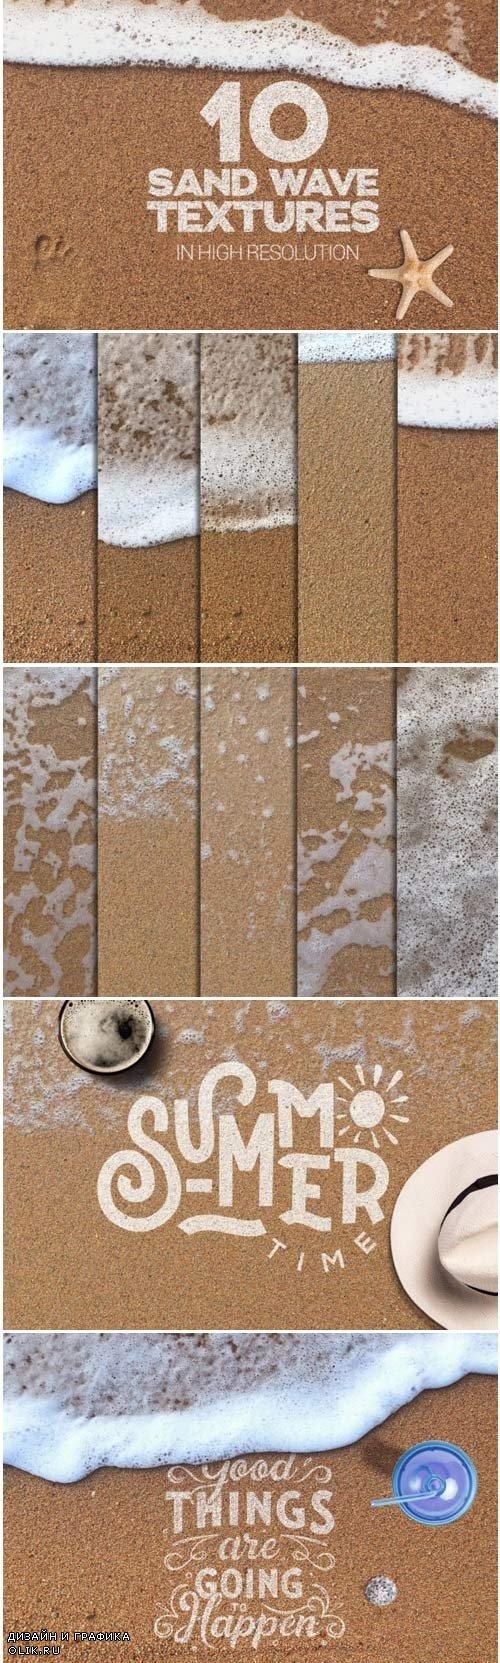 Sand Wave Textures x10 - 3976543